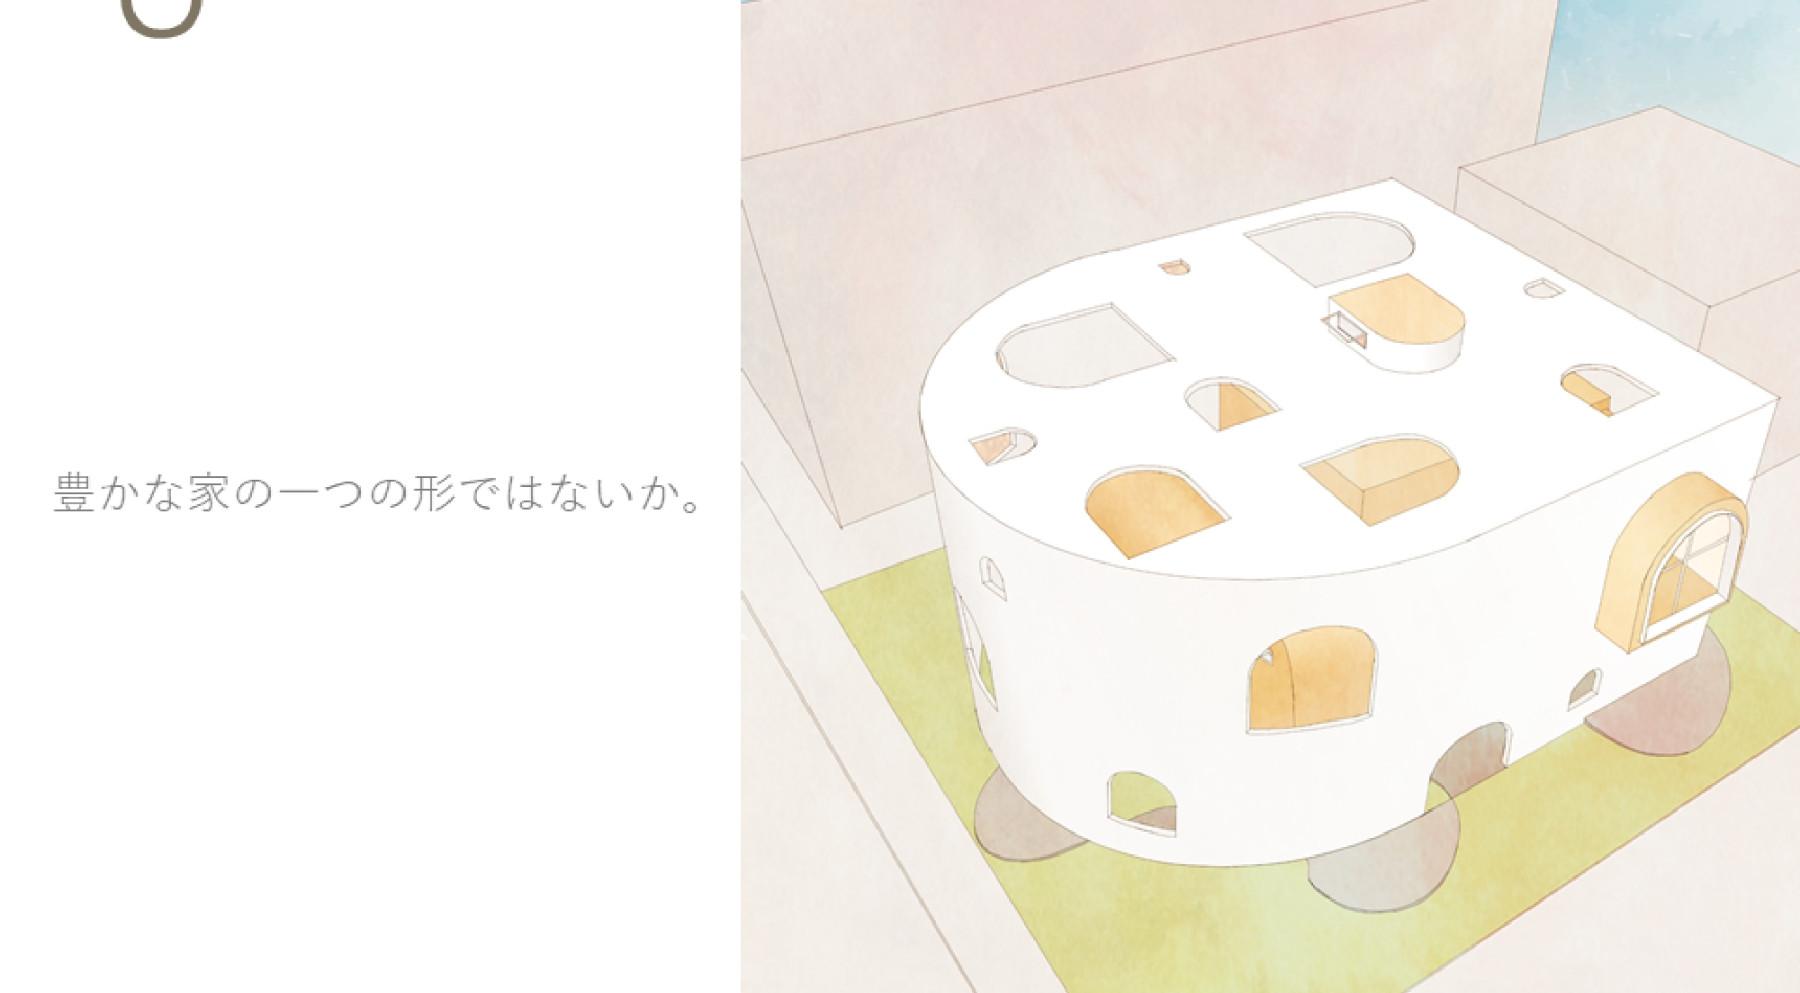 香川唯 設計製図Ⅲ 10.jpg